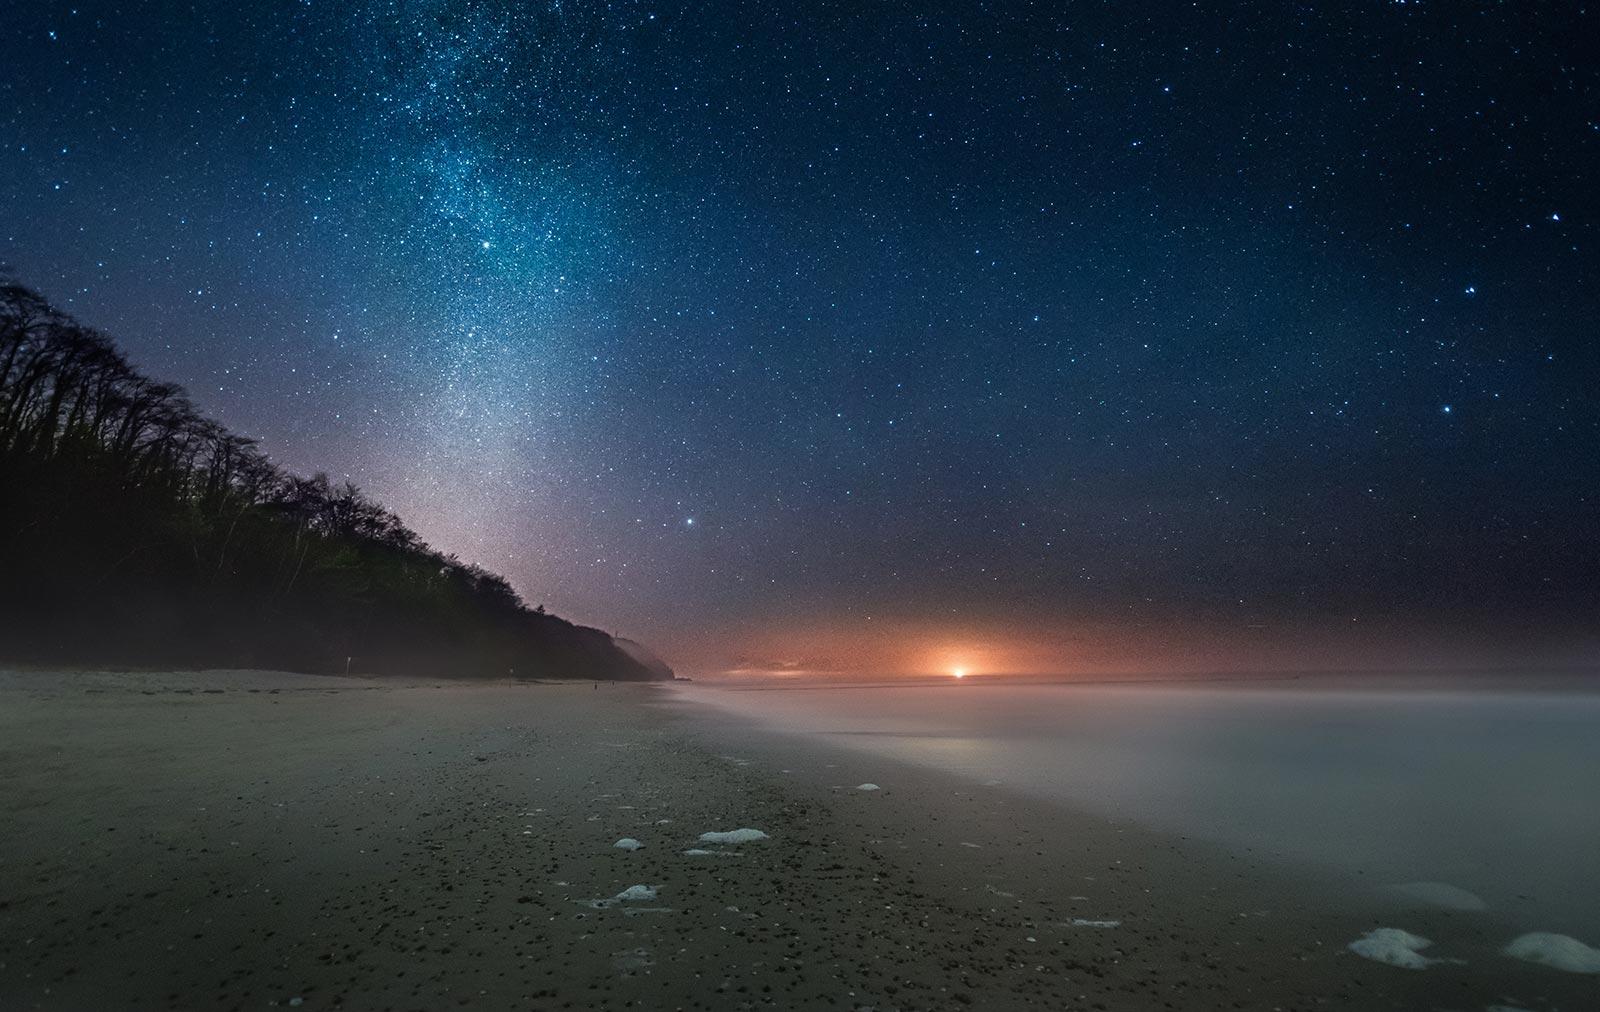 Nordlichter Fotograf Insel Usedom Ostsee Strand nacht Sterne Landschaft